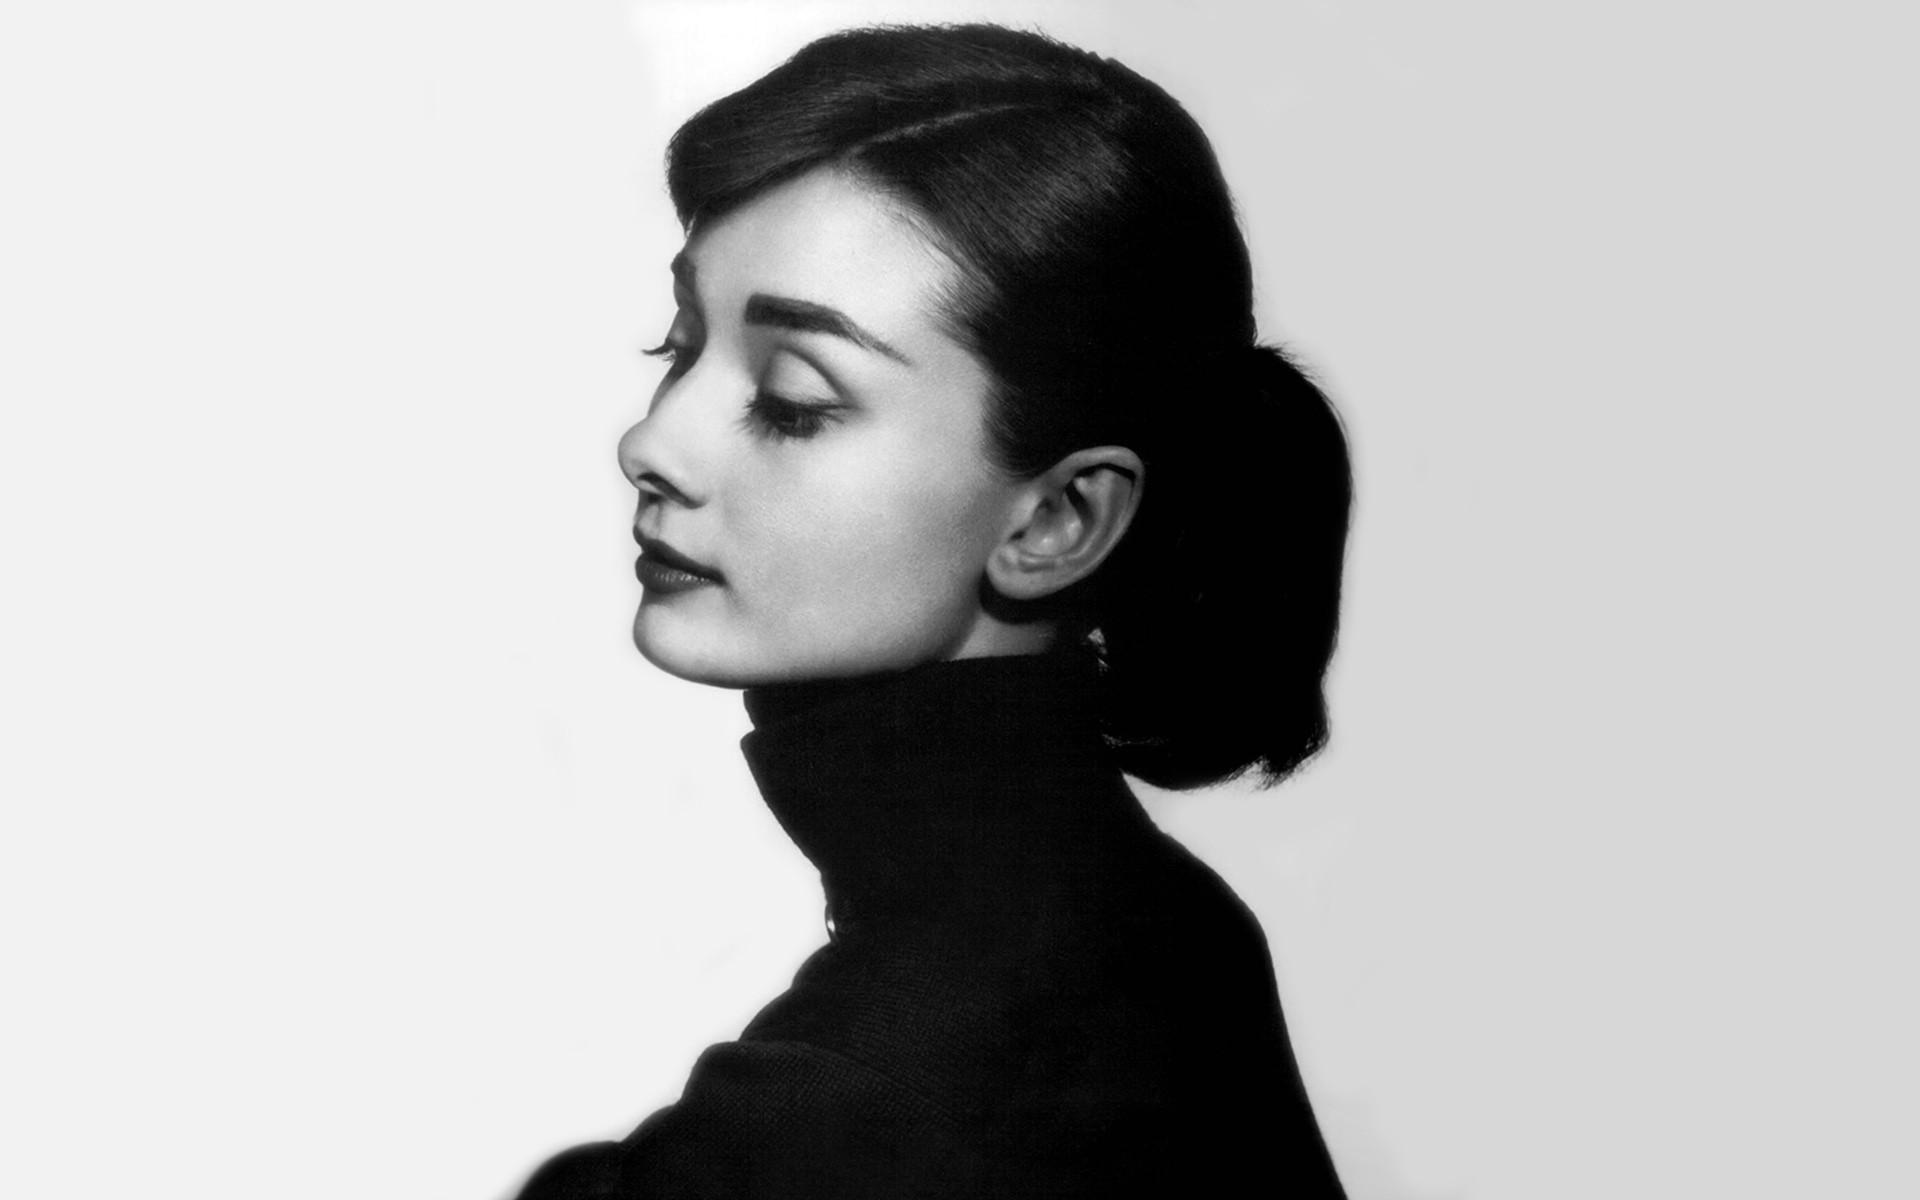 Audrey Hepburn Wallpapers HD 1920x1200